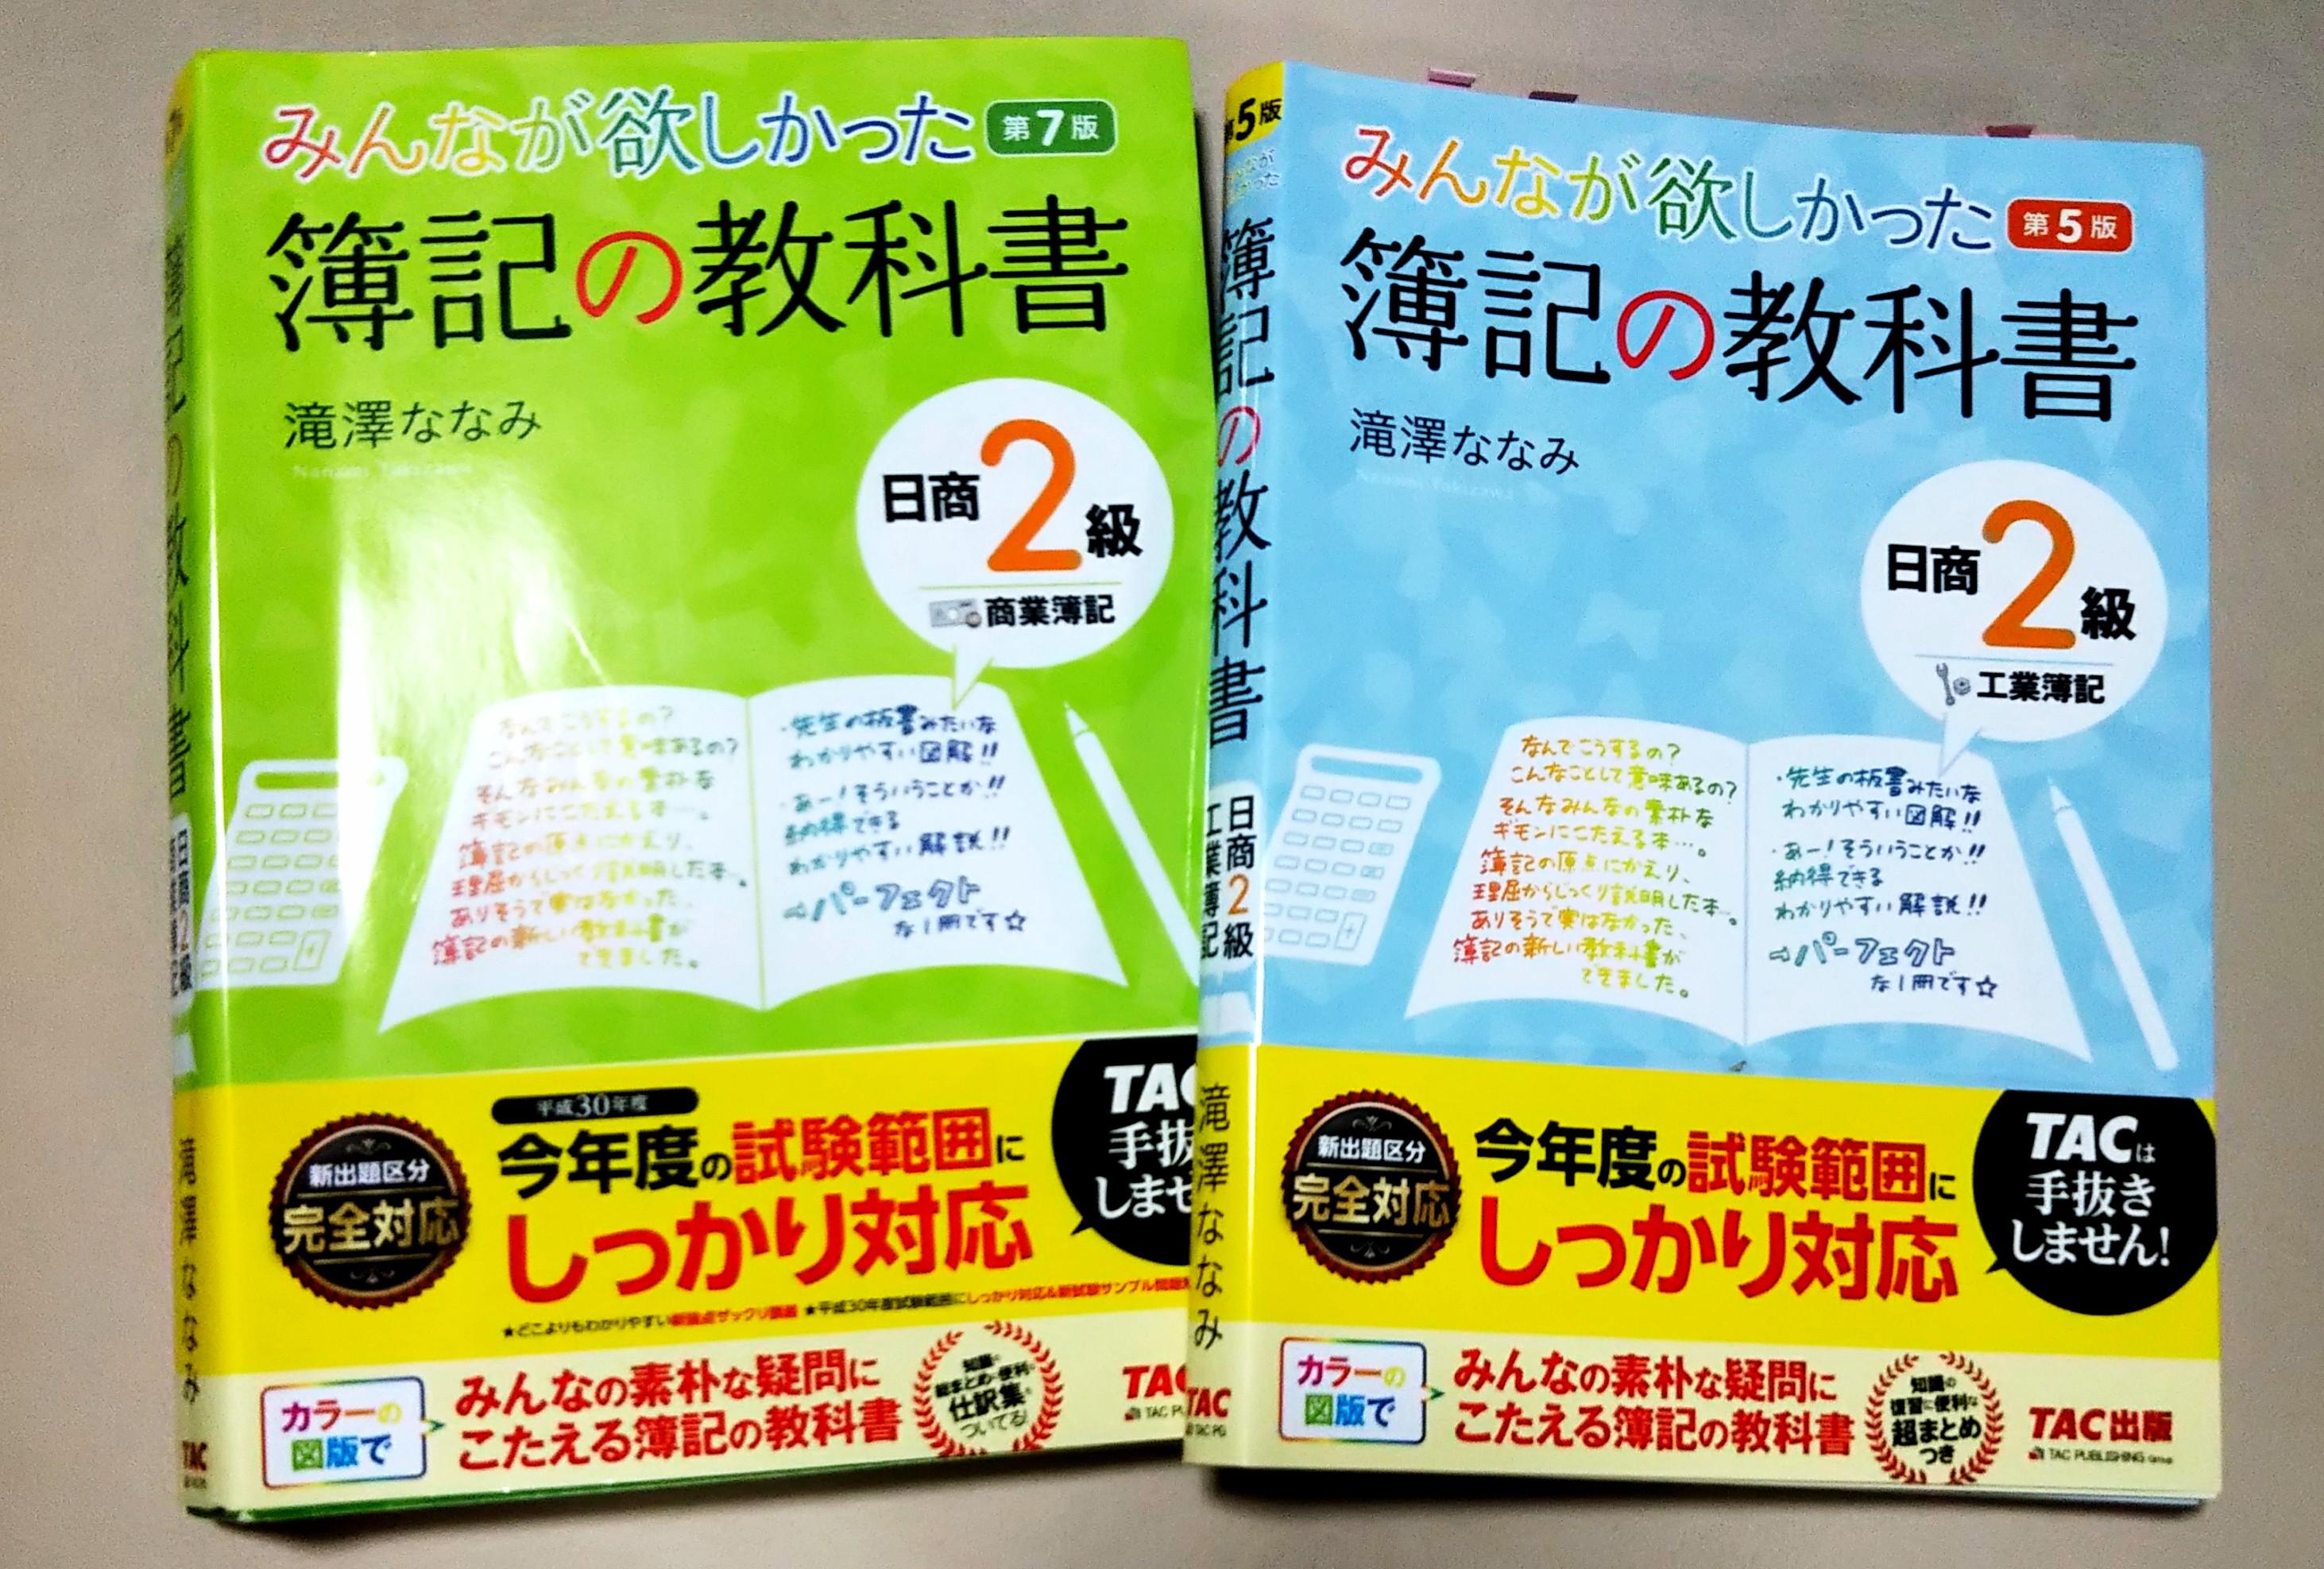 簿記2級のテキストに選んだのは「簿記の教科書」シリーズ